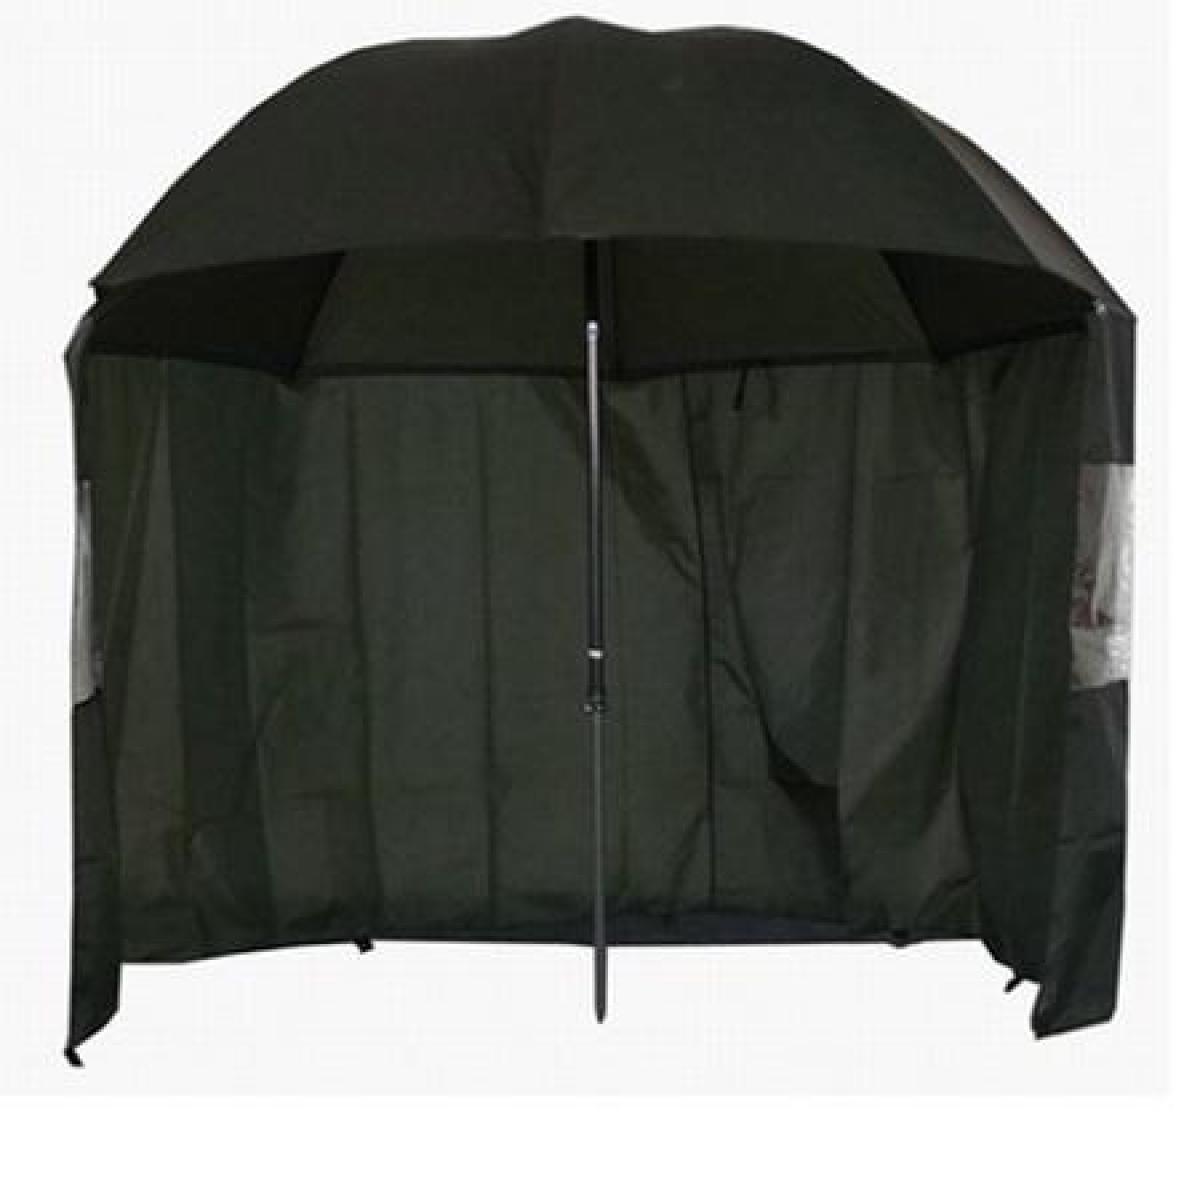 Купить палатку зонт для зимней рыбалки и летнего отдыха ...